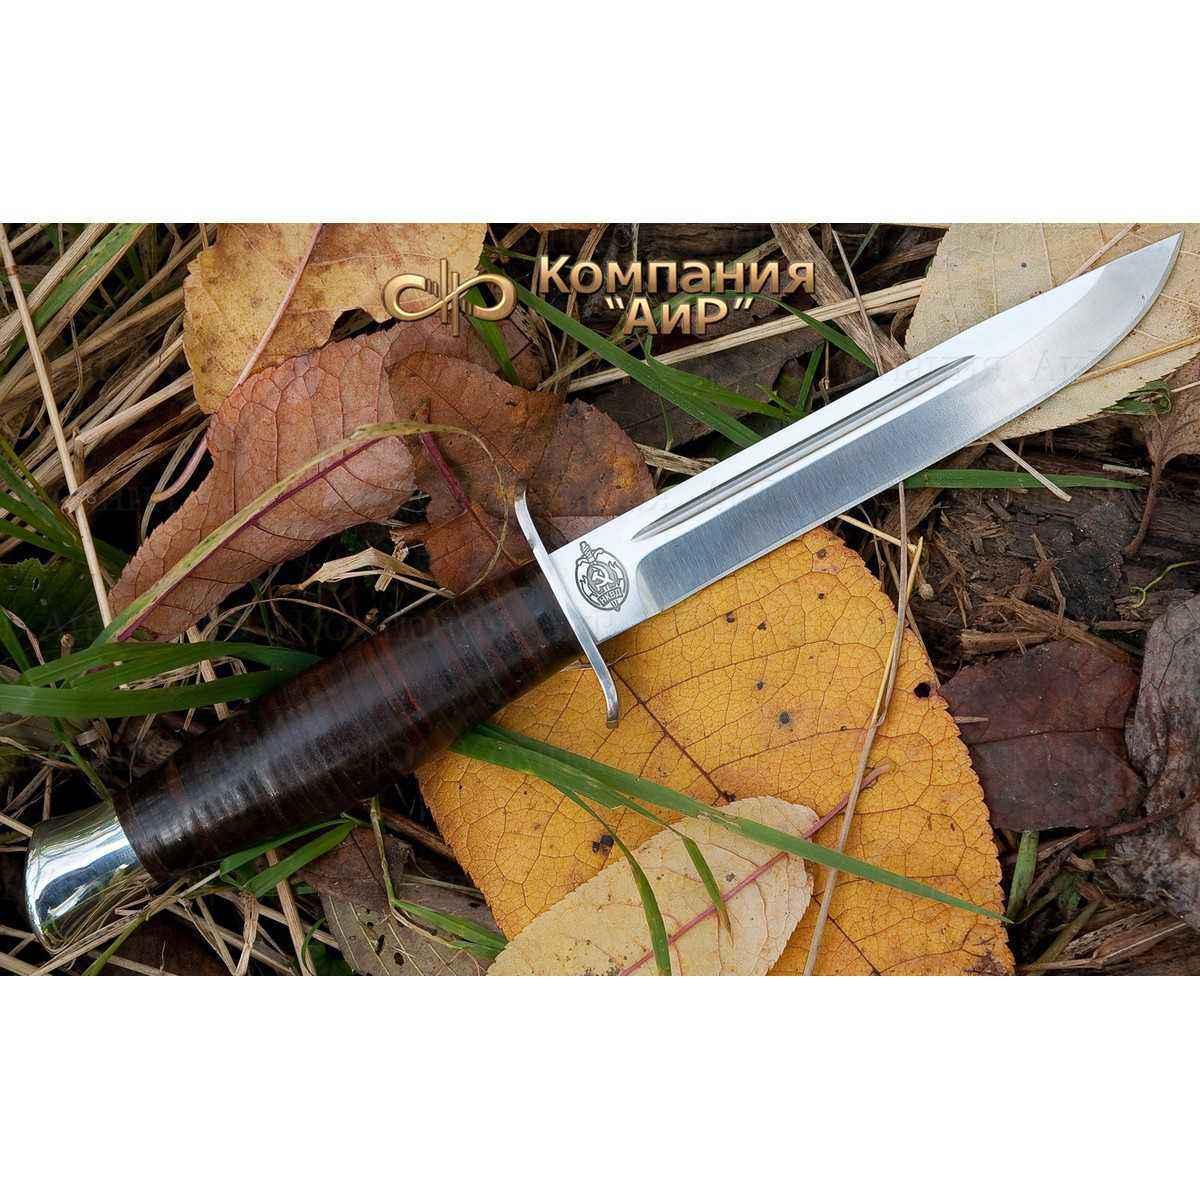 Нож АиР Финка-2, сталь К-340, рукоять кожа